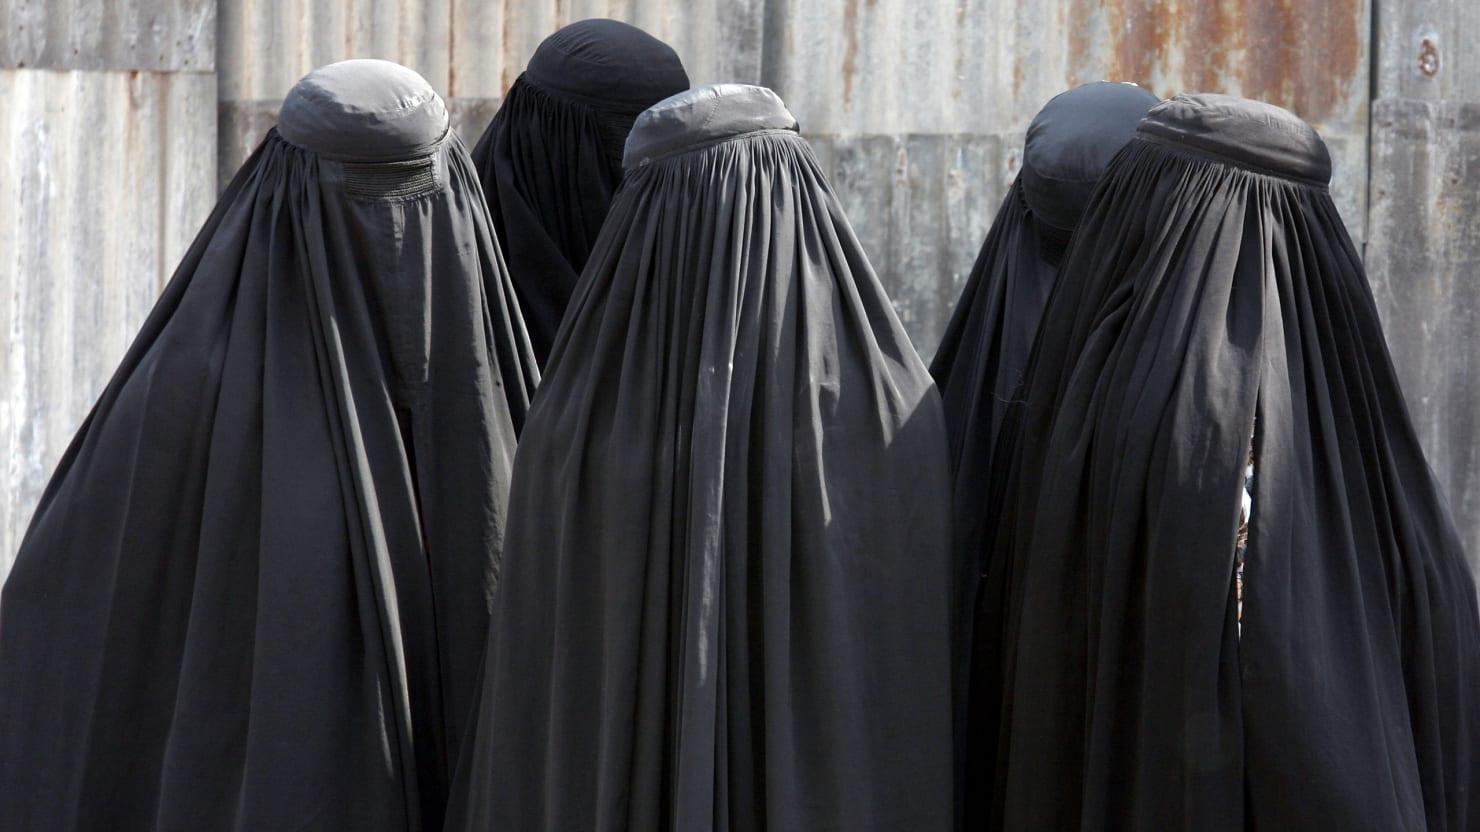 Burka estas la preferata kostumo de Zorajdo